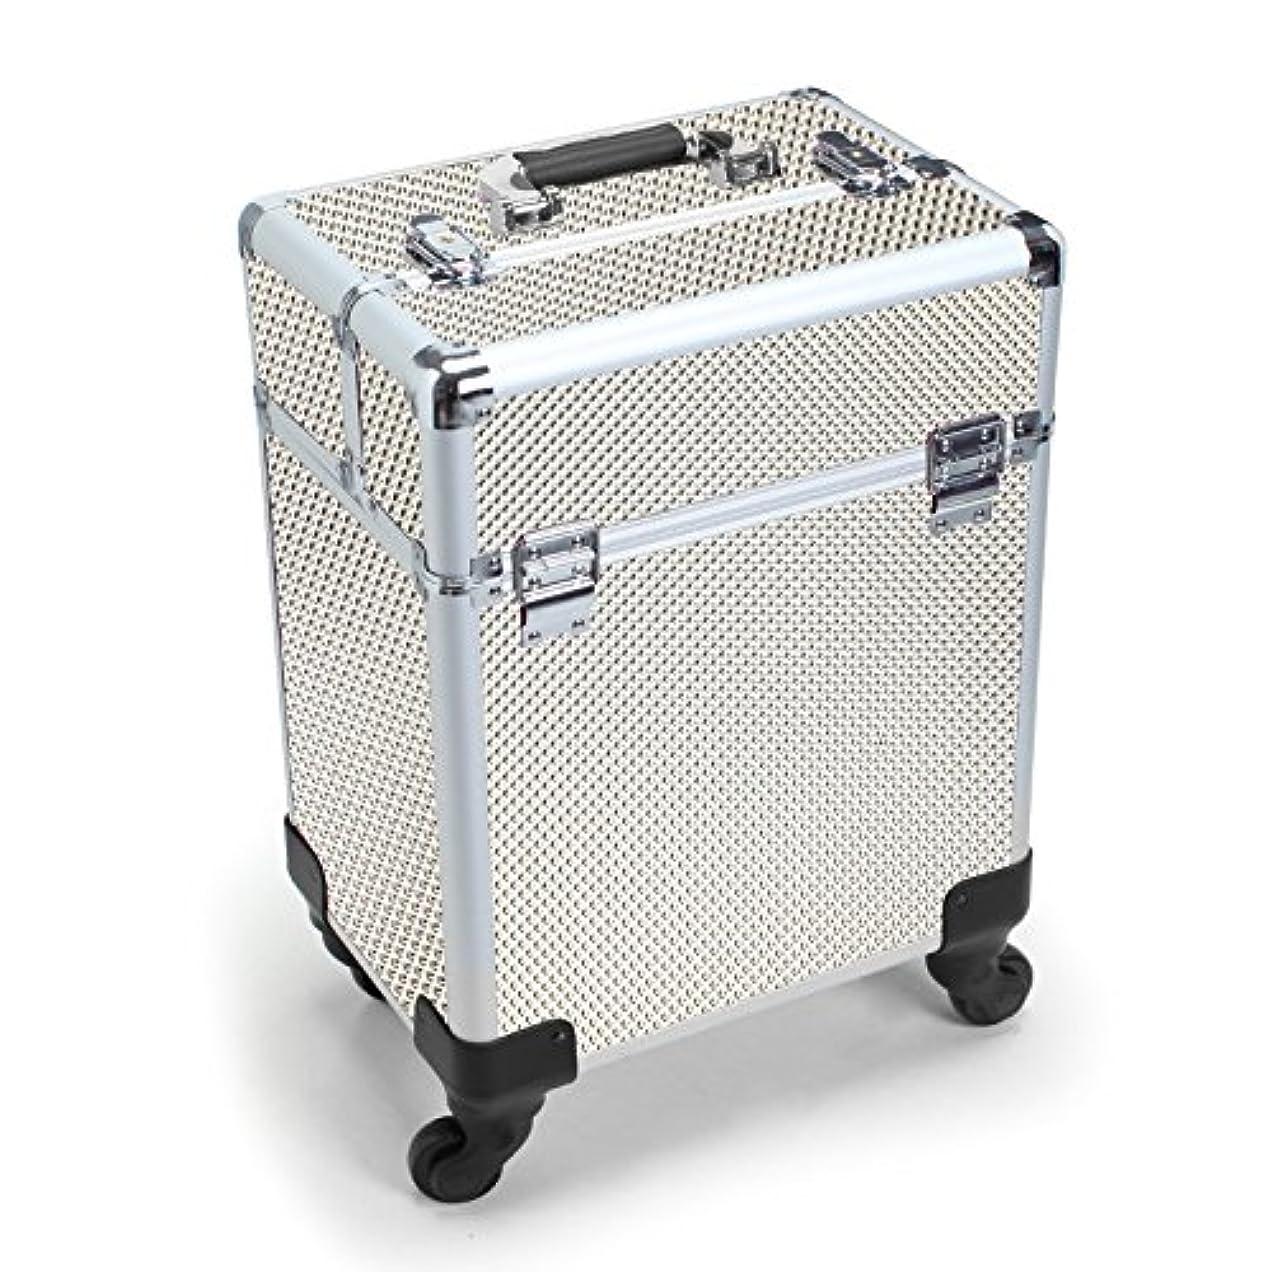 混乱した襟エミュレーションMCTECH キャリーケース レバー式 メイクボックス 美容師用 スーツケース型 化粧品 プロ用 薬箱 救急箱 収納 キャスター付き カギ付き 超大型メイクケース ジルバー